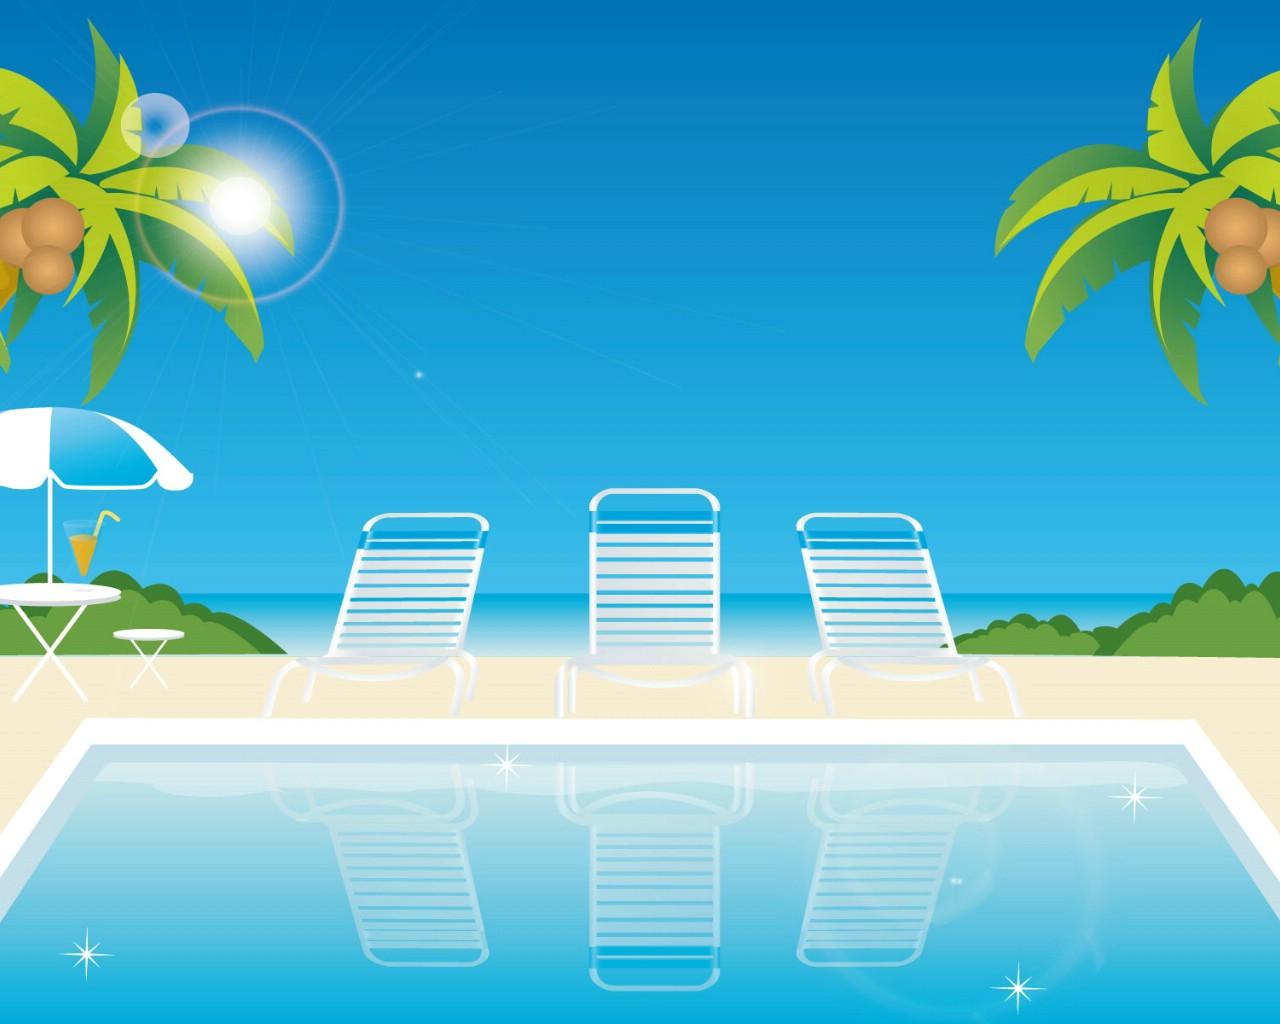 壁纸1280×1024矢量夏日海滩 1 20壁纸 矢量风光 矢量夏日海滩 第一辑壁纸图片矢量壁纸矢量图片素材桌面壁纸